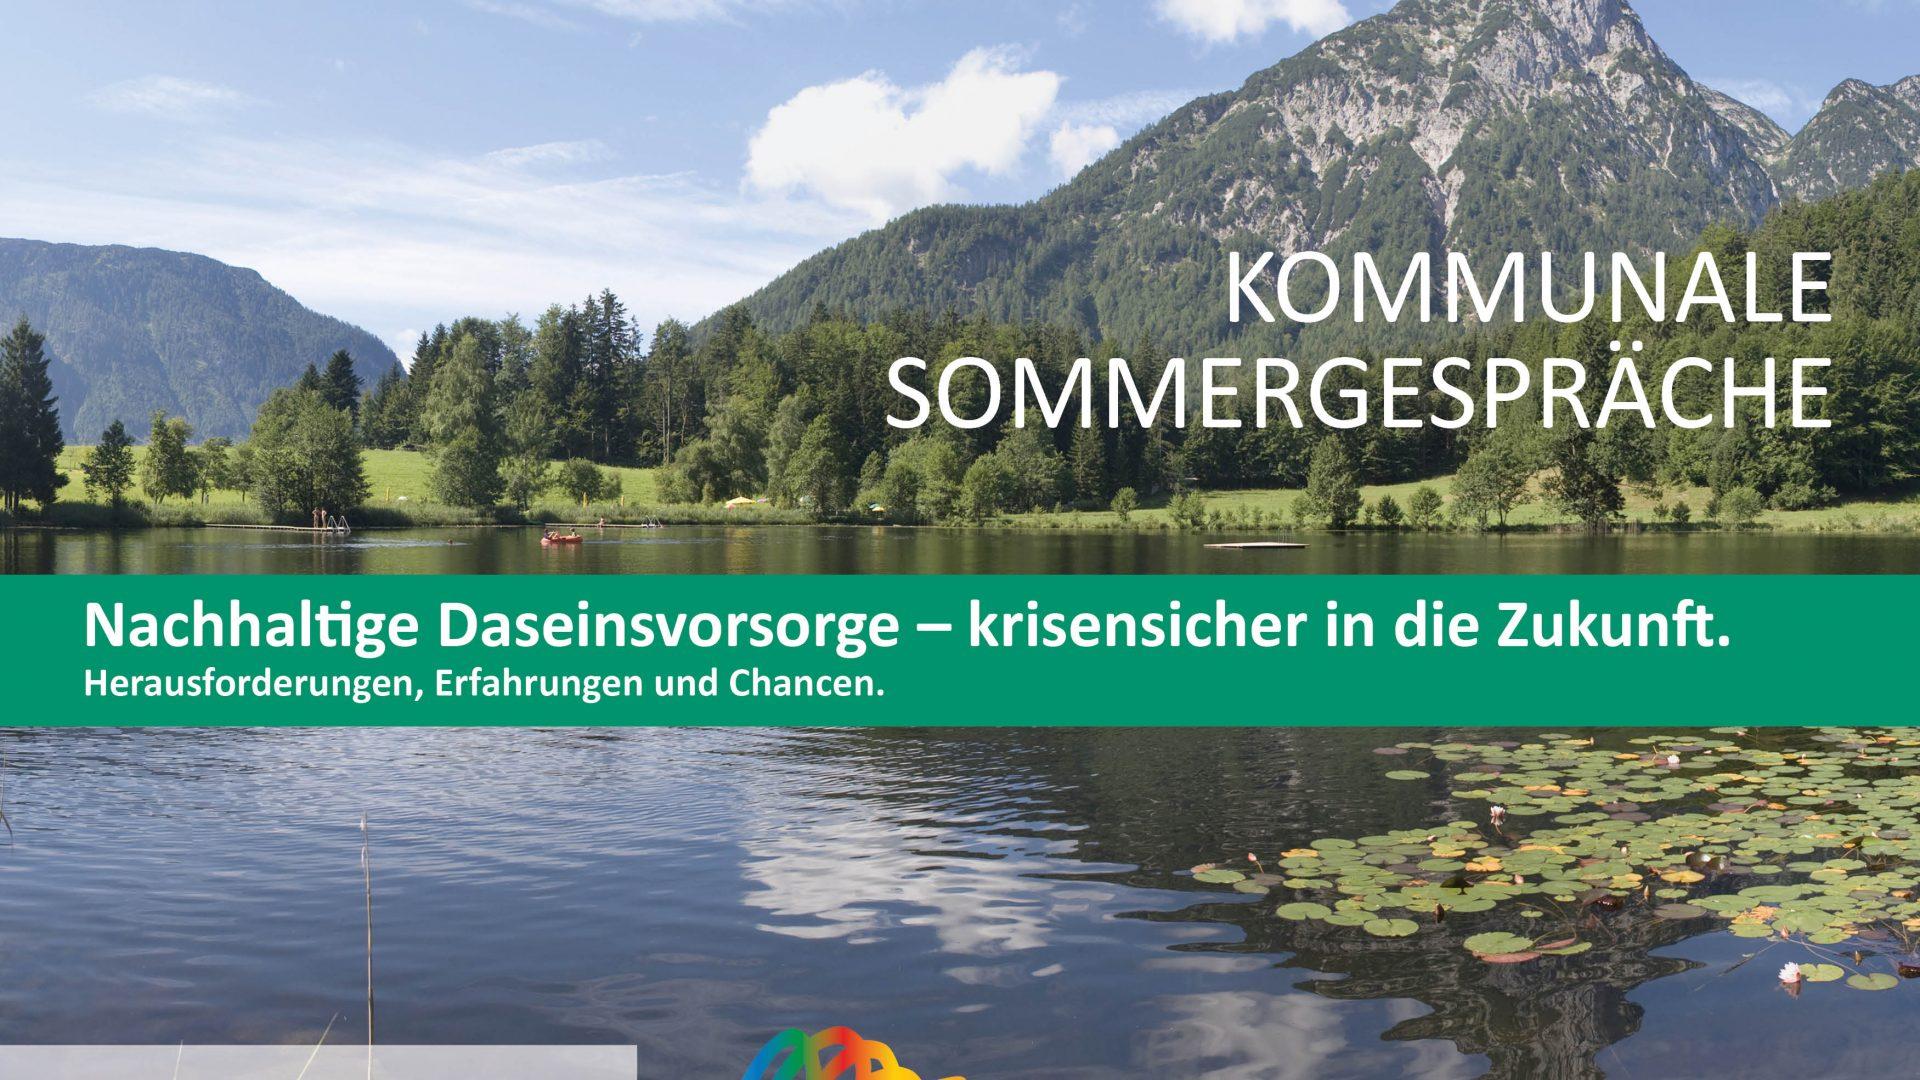 Die diesjährigen Kommunalen Sommergespräche finden von 27. bis 28. August 2020 in Bad Aussee statt.